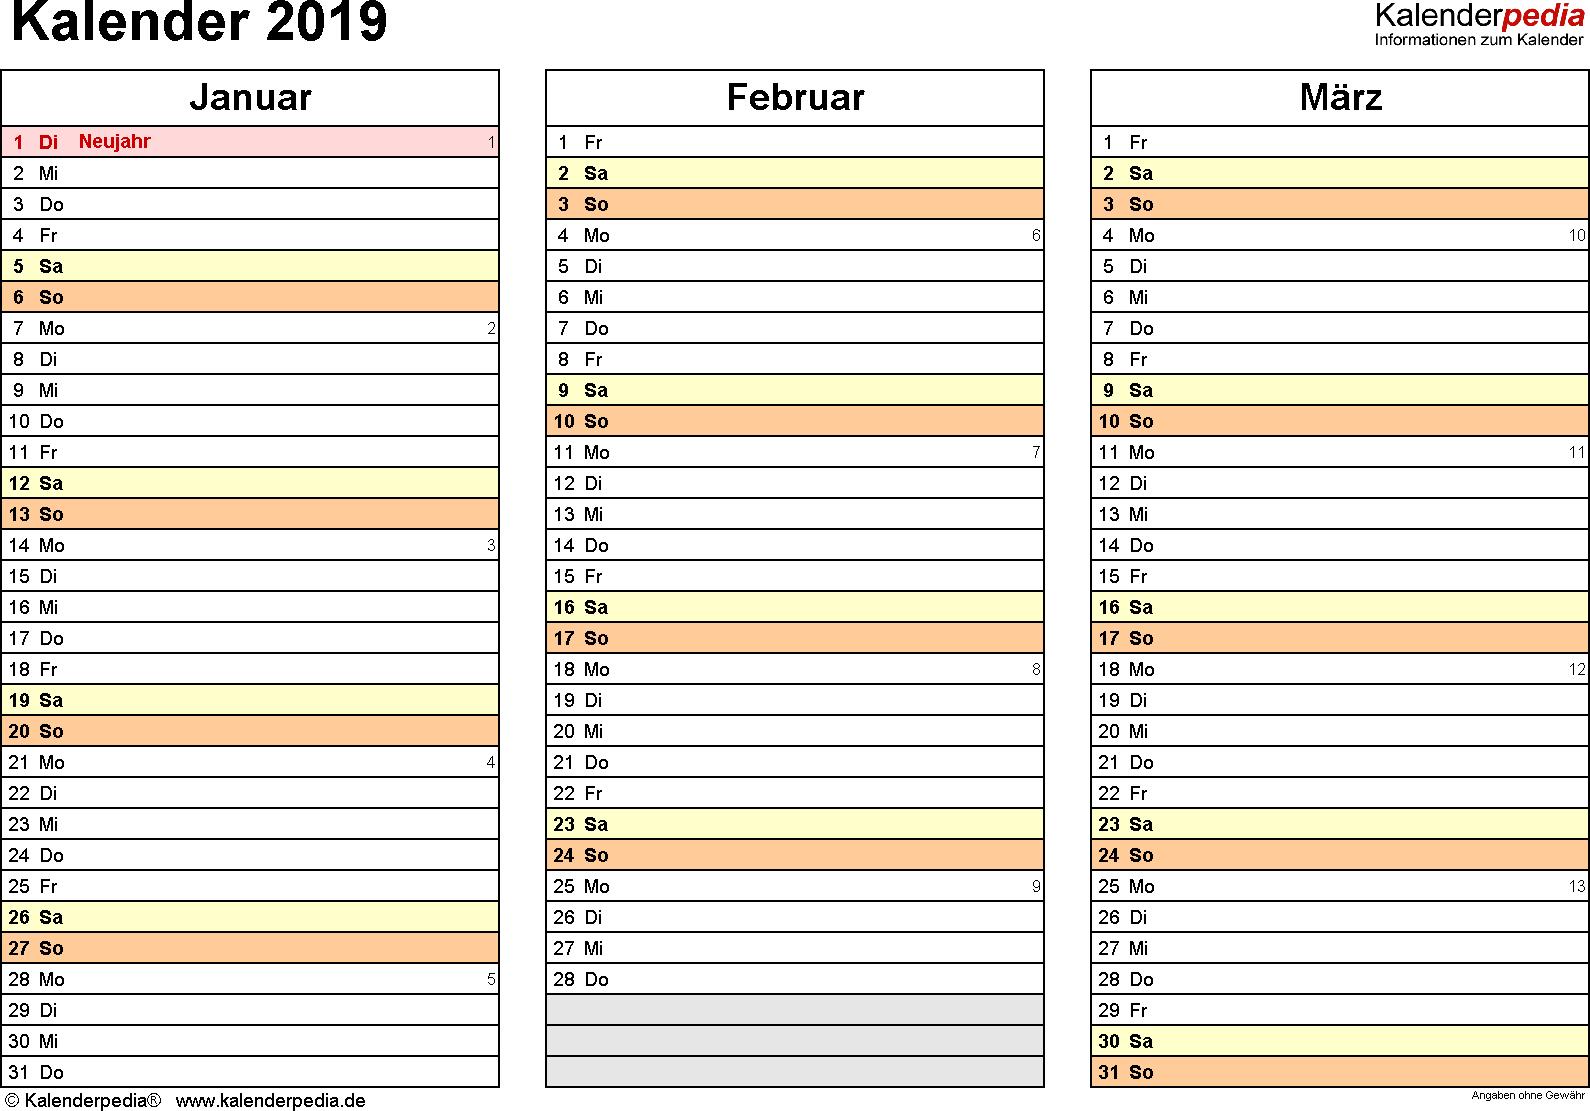 Vorlage 5: Kalender 2019 für Word, Querformat, 4 Seiten, jedes Quartal auf einer Seite